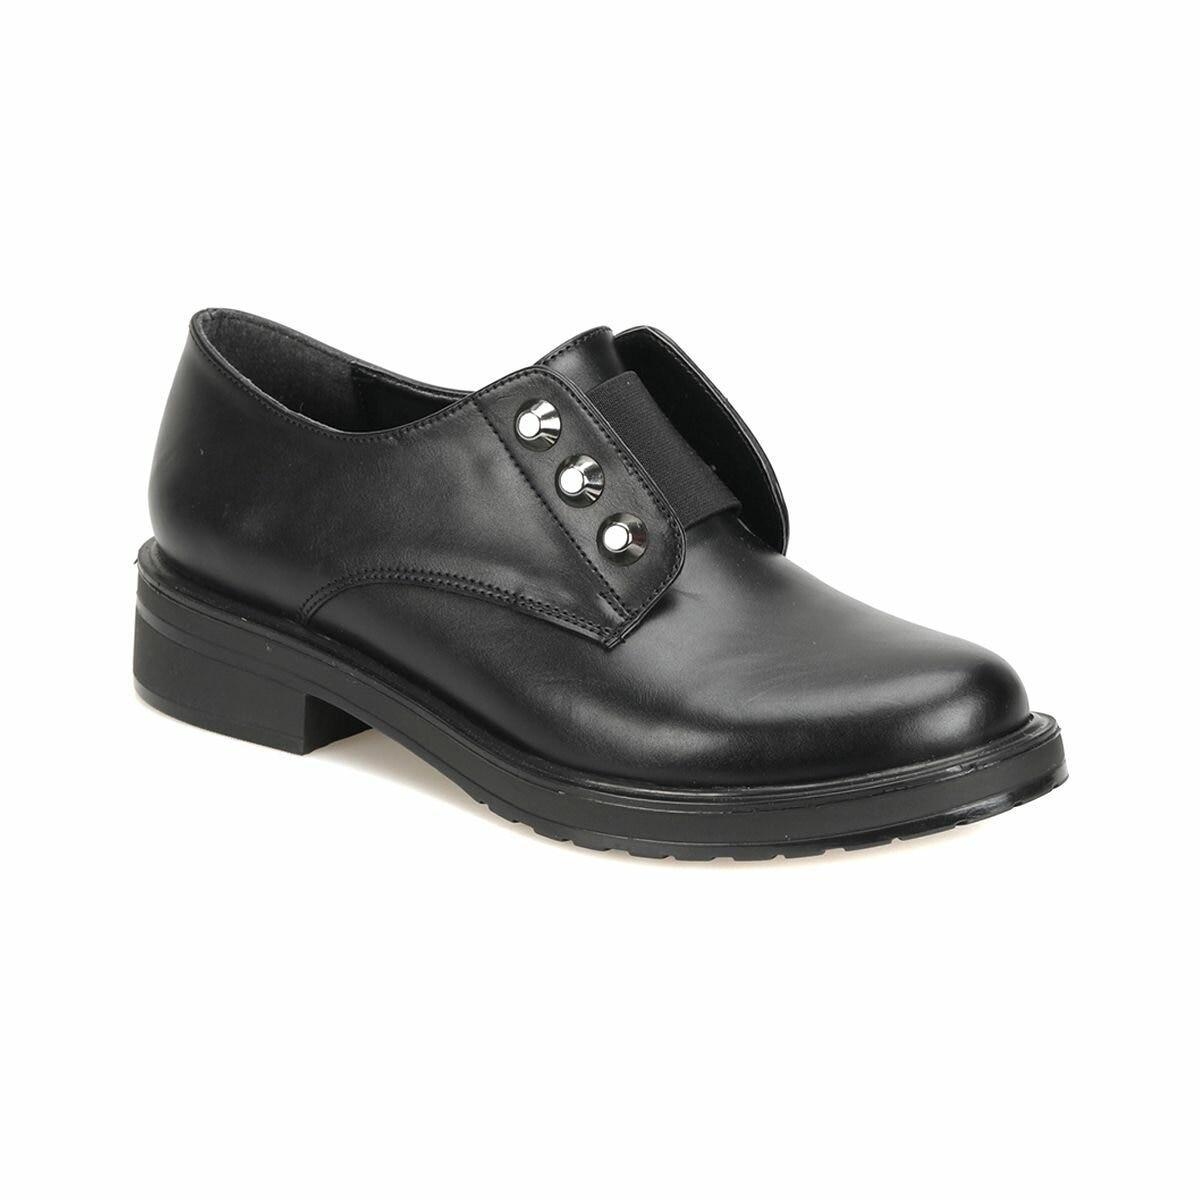 FLO 18K-025 Black Women Oxford Shoes BUTIGO